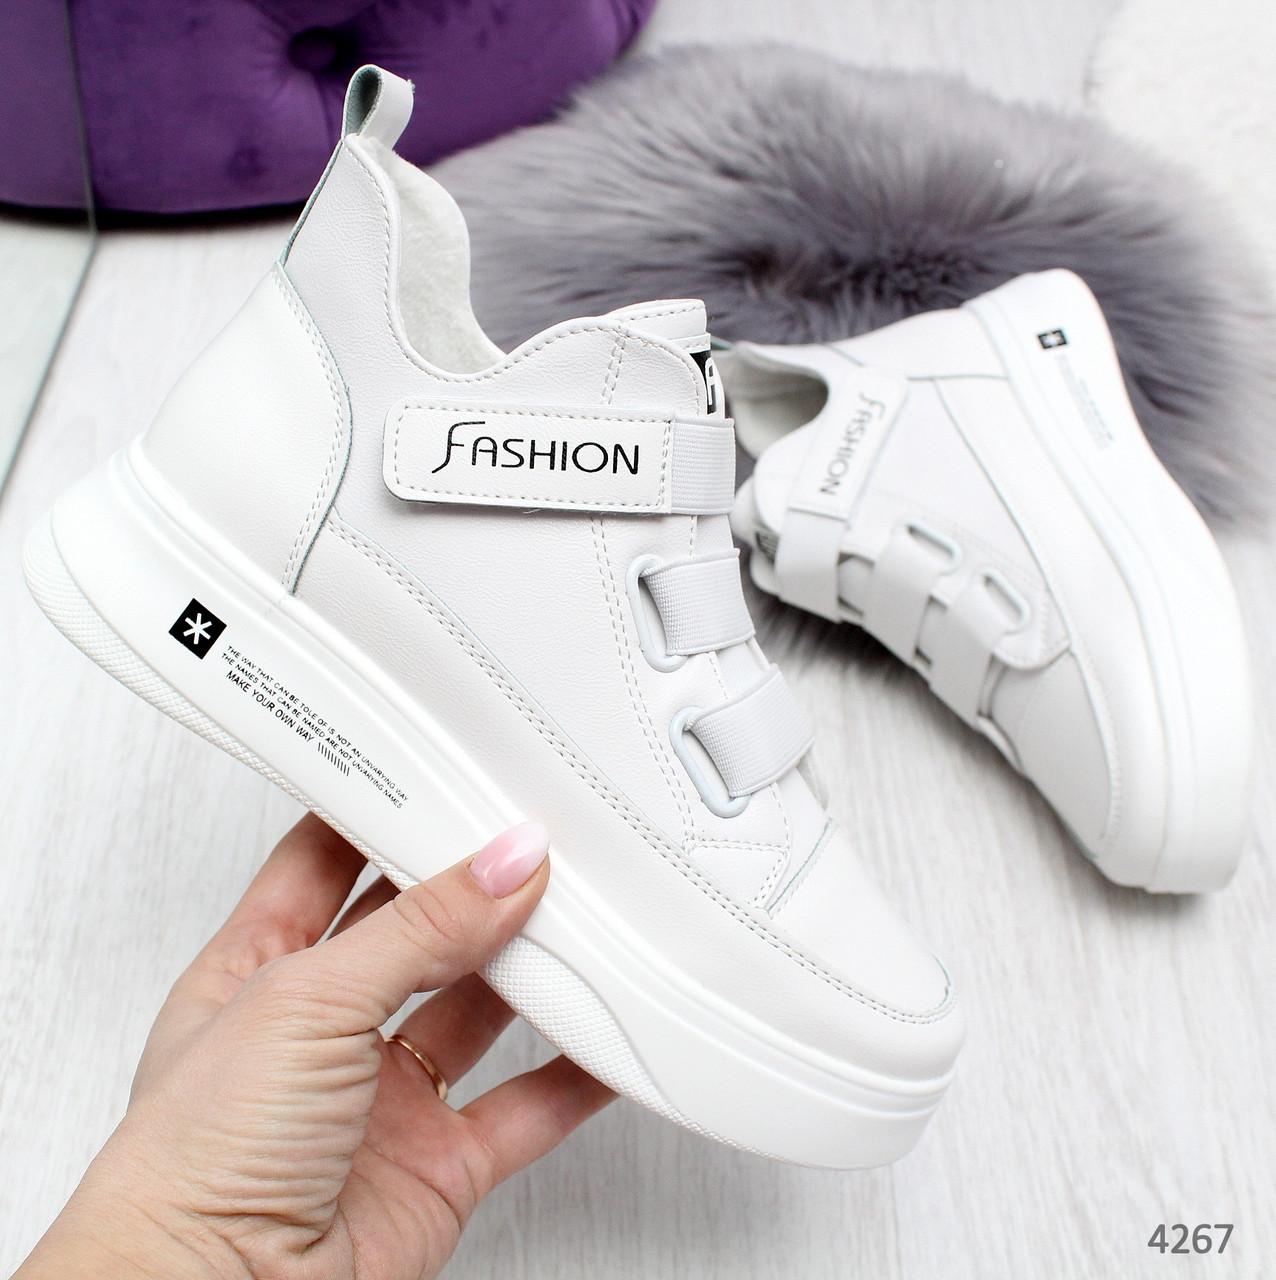 Женские демисезонные белые кроссовки на резинке шнуровке Fasfion Felli